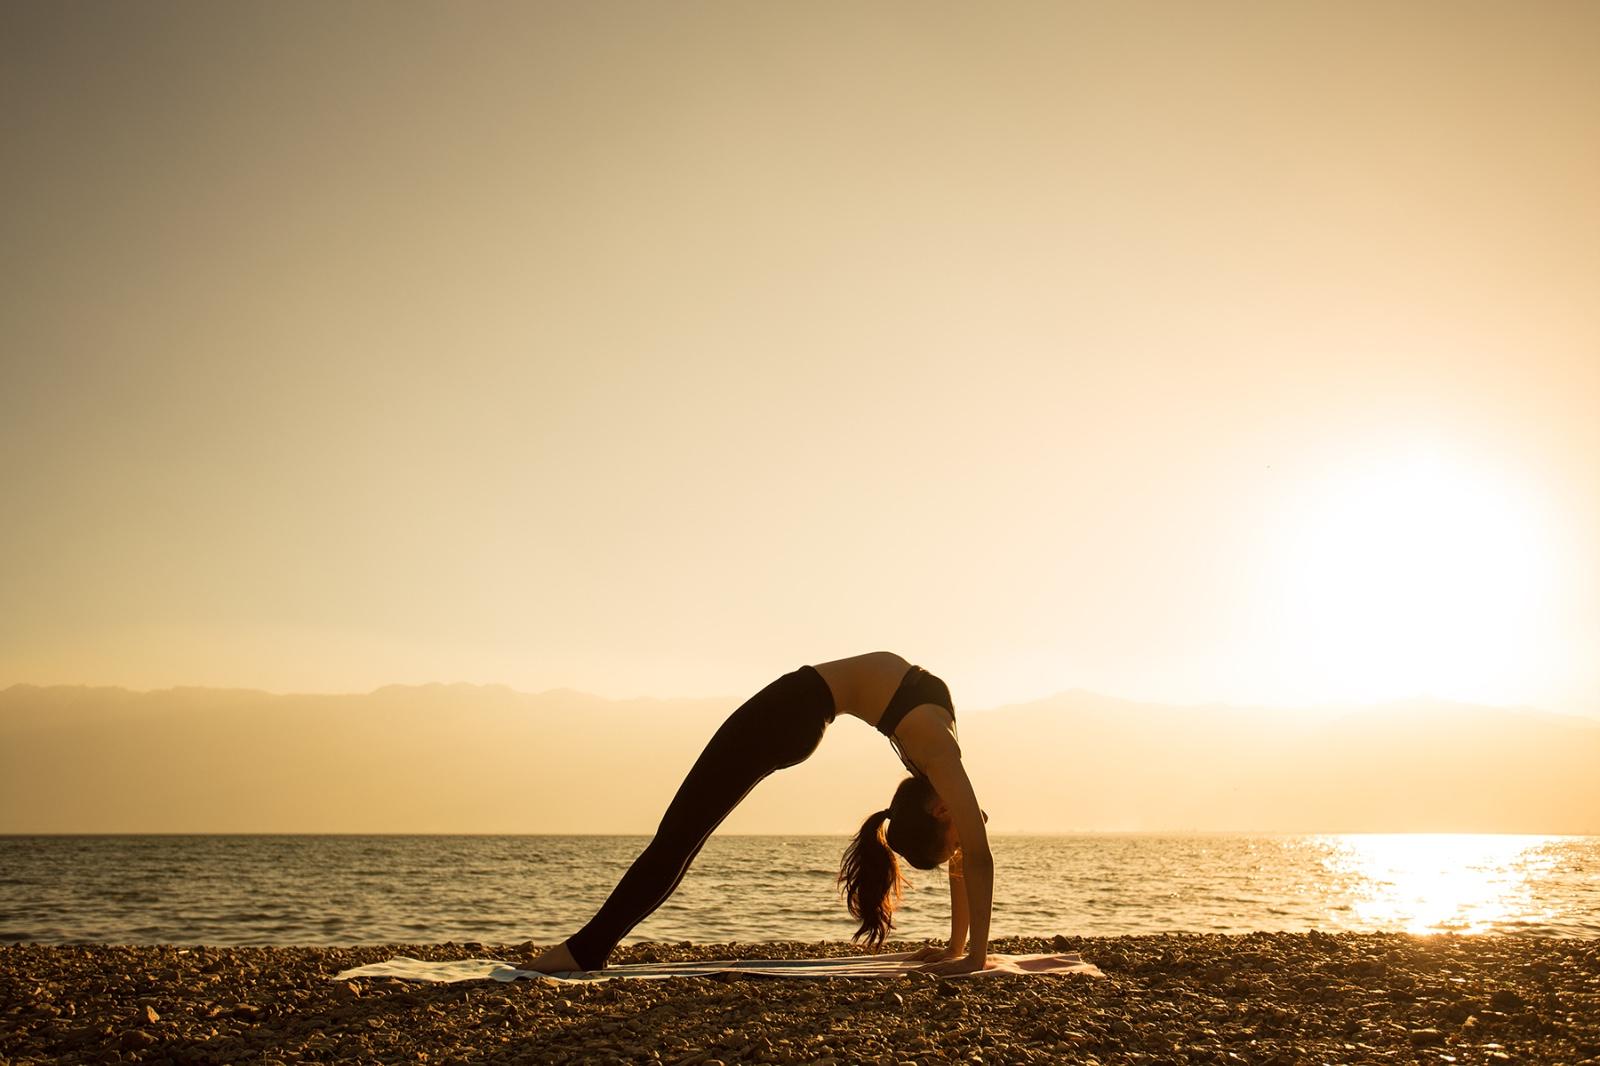 大理旅拍攝影作品欣賞——夕陽下的洱海瑜伽圖片